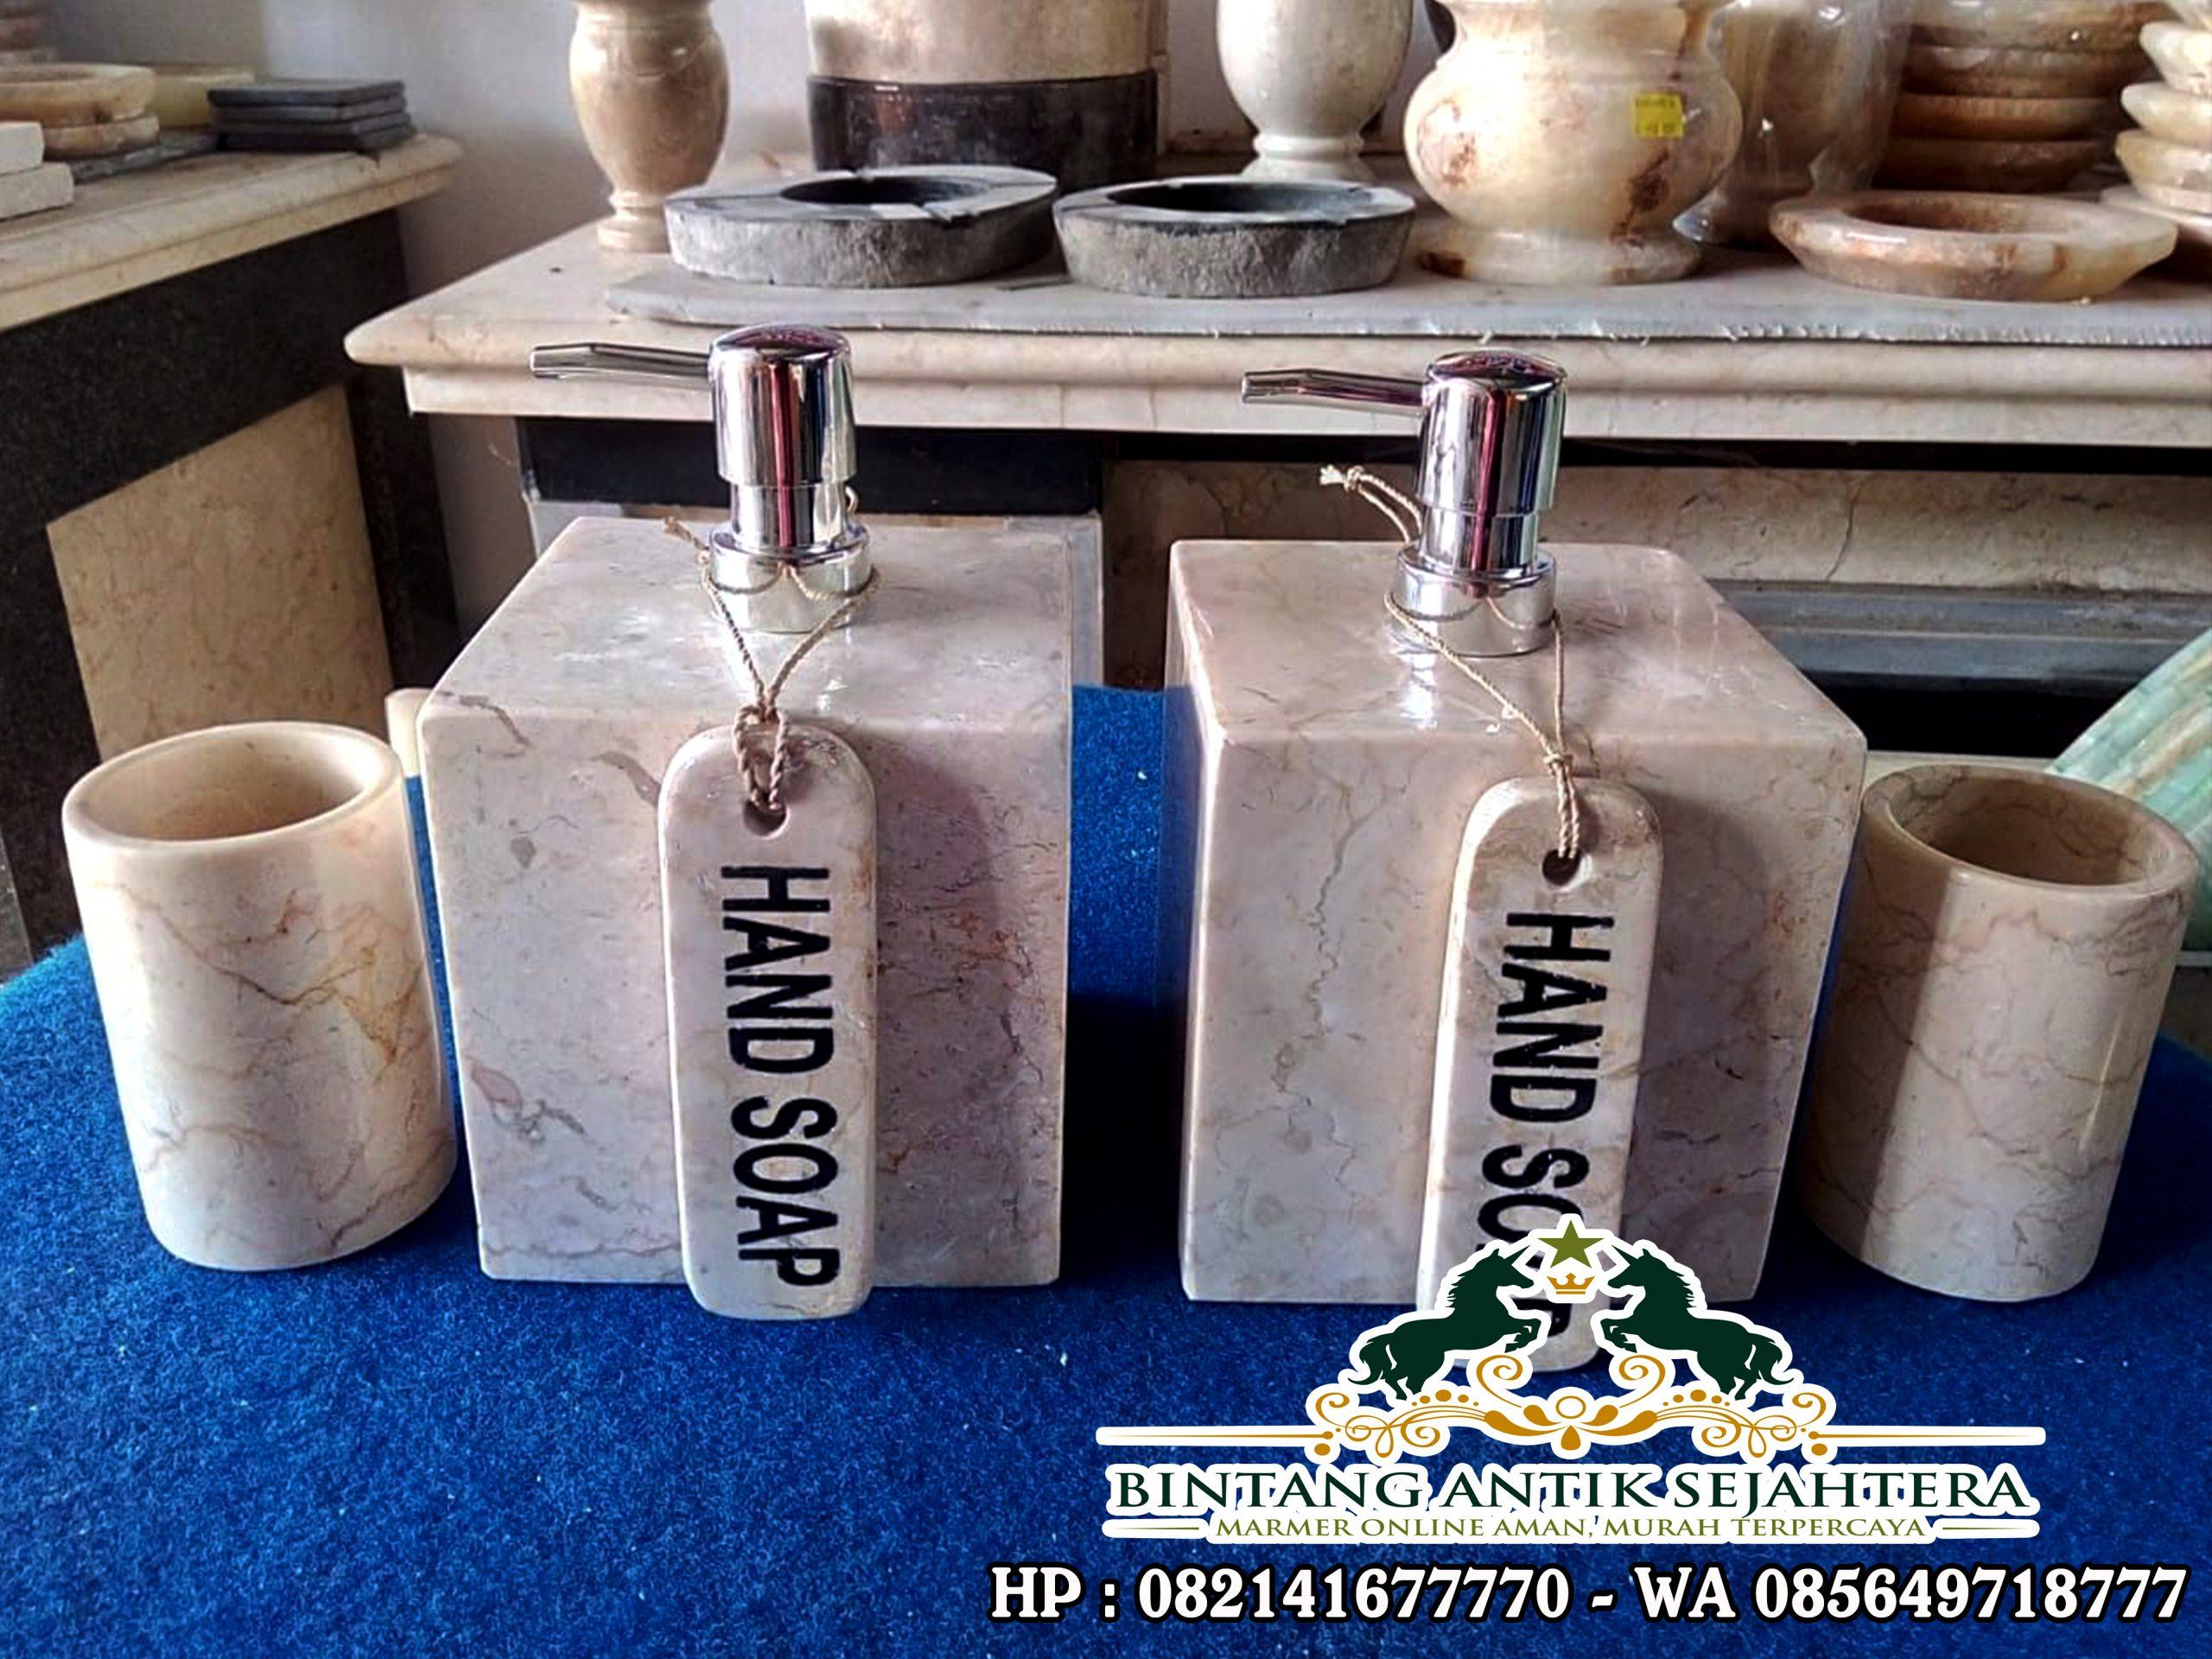 Tempat Sabun Cair Marmer | Kerajinan Marmer Tulungagung